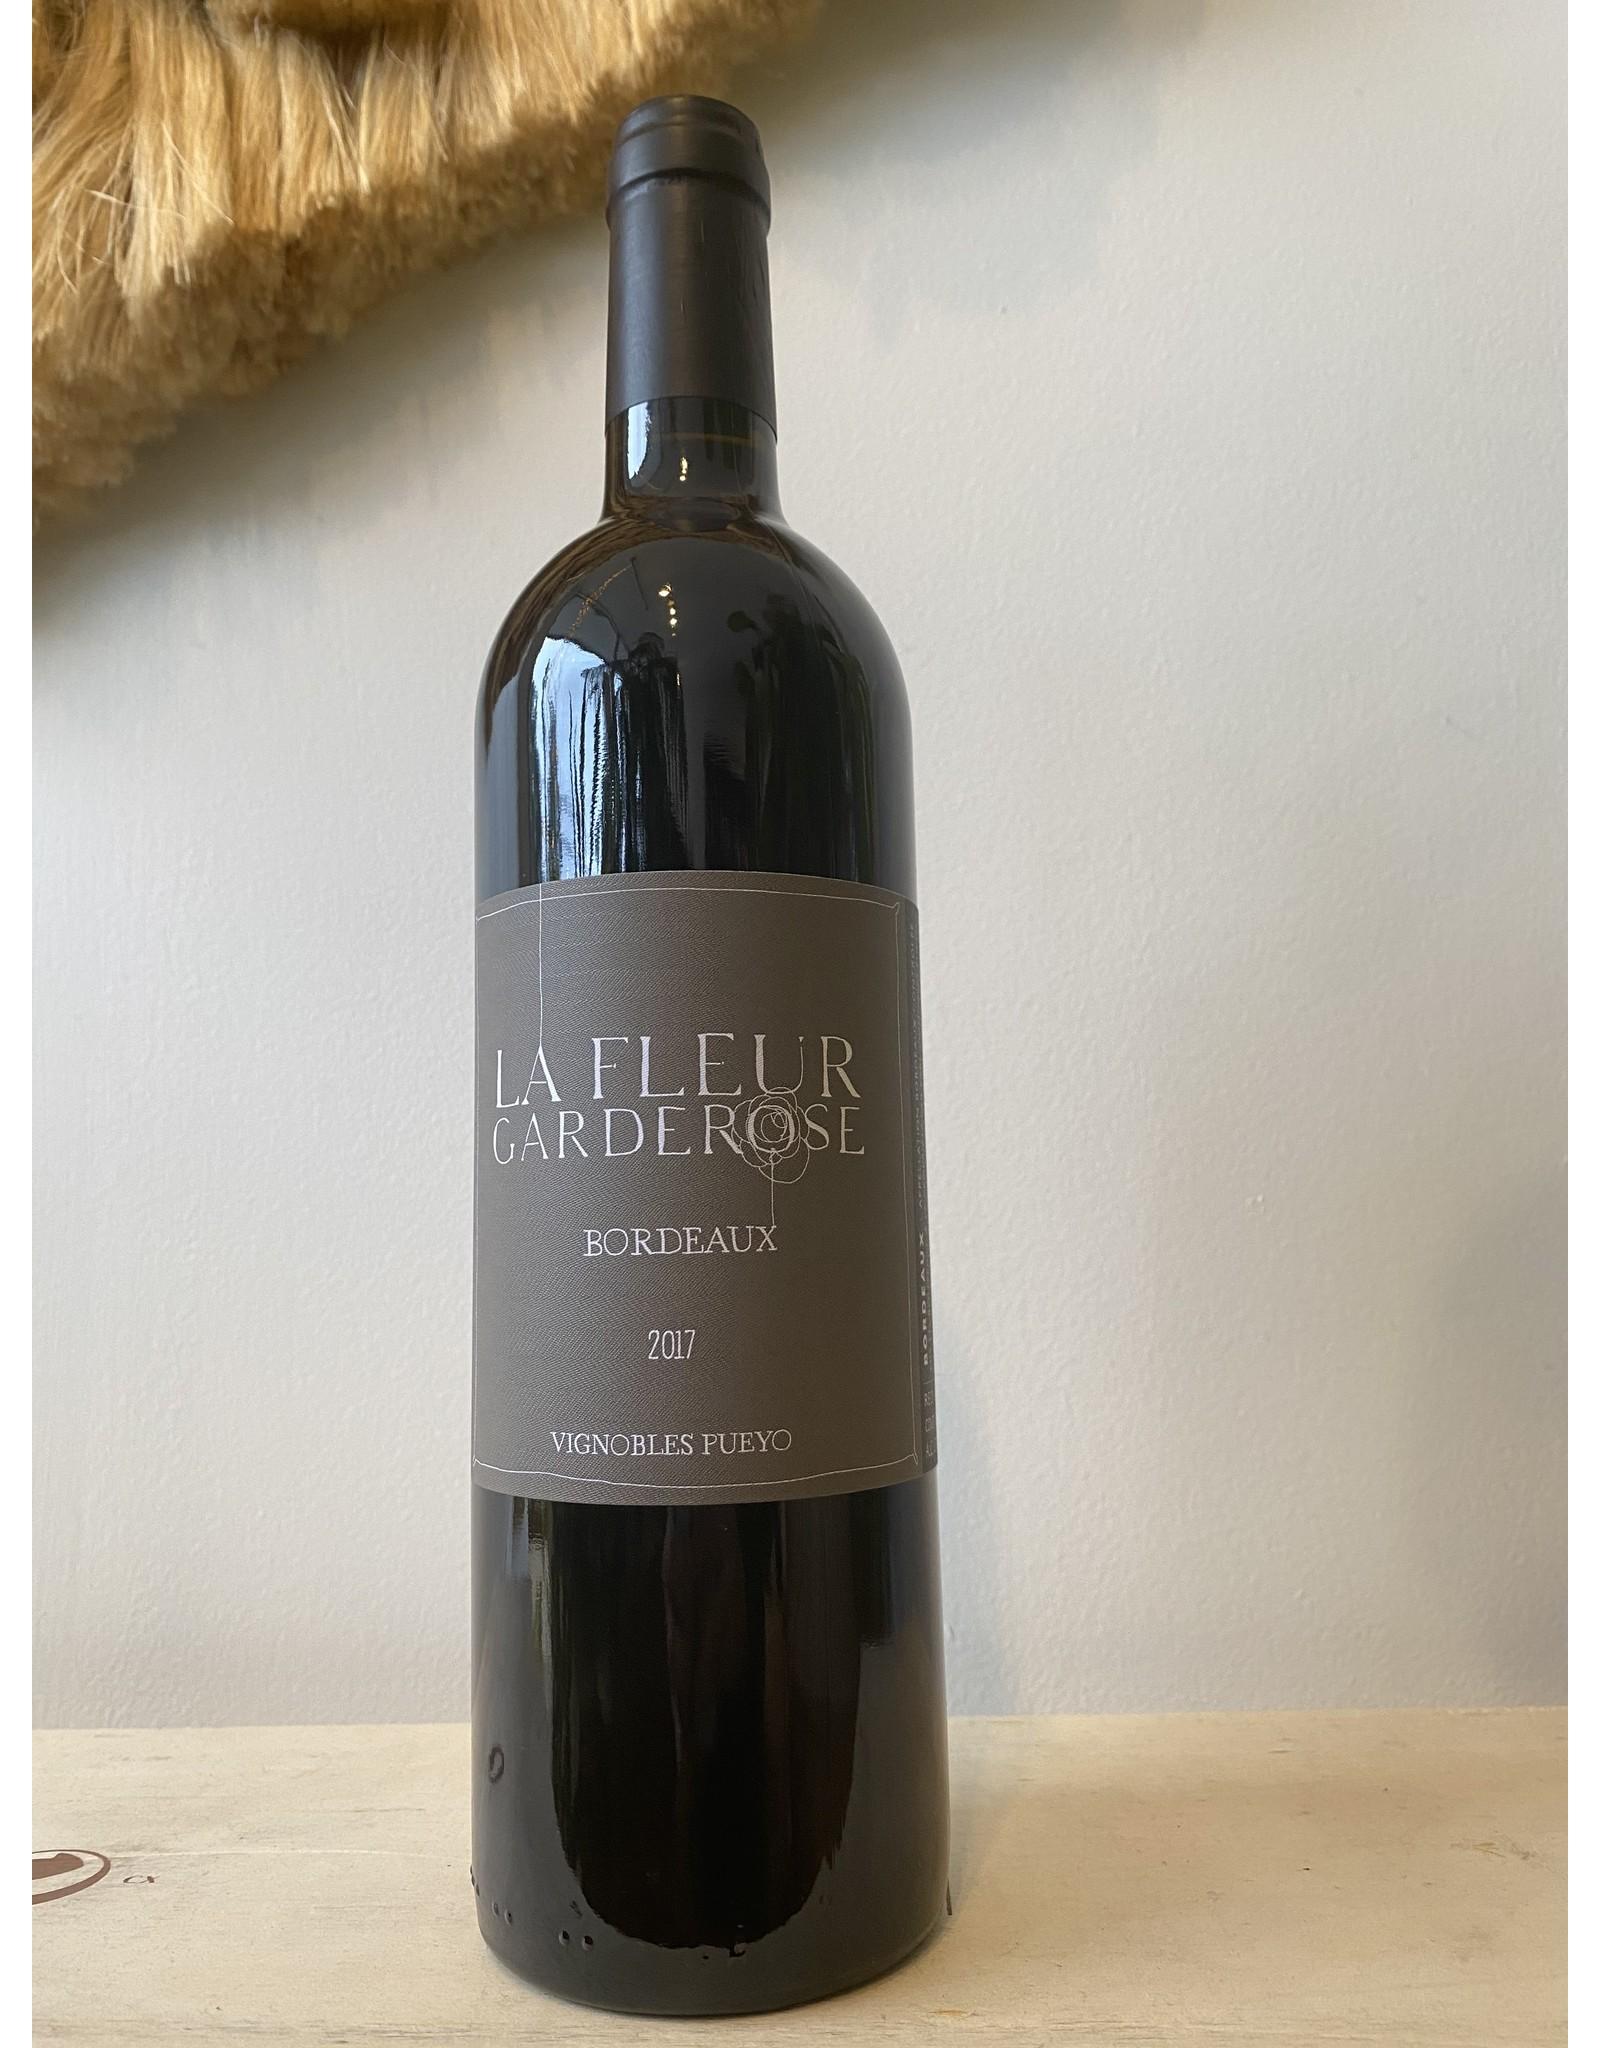 """Vignobles Pueyo """"La Fleur Garderose"""" Bordeaux 2017"""